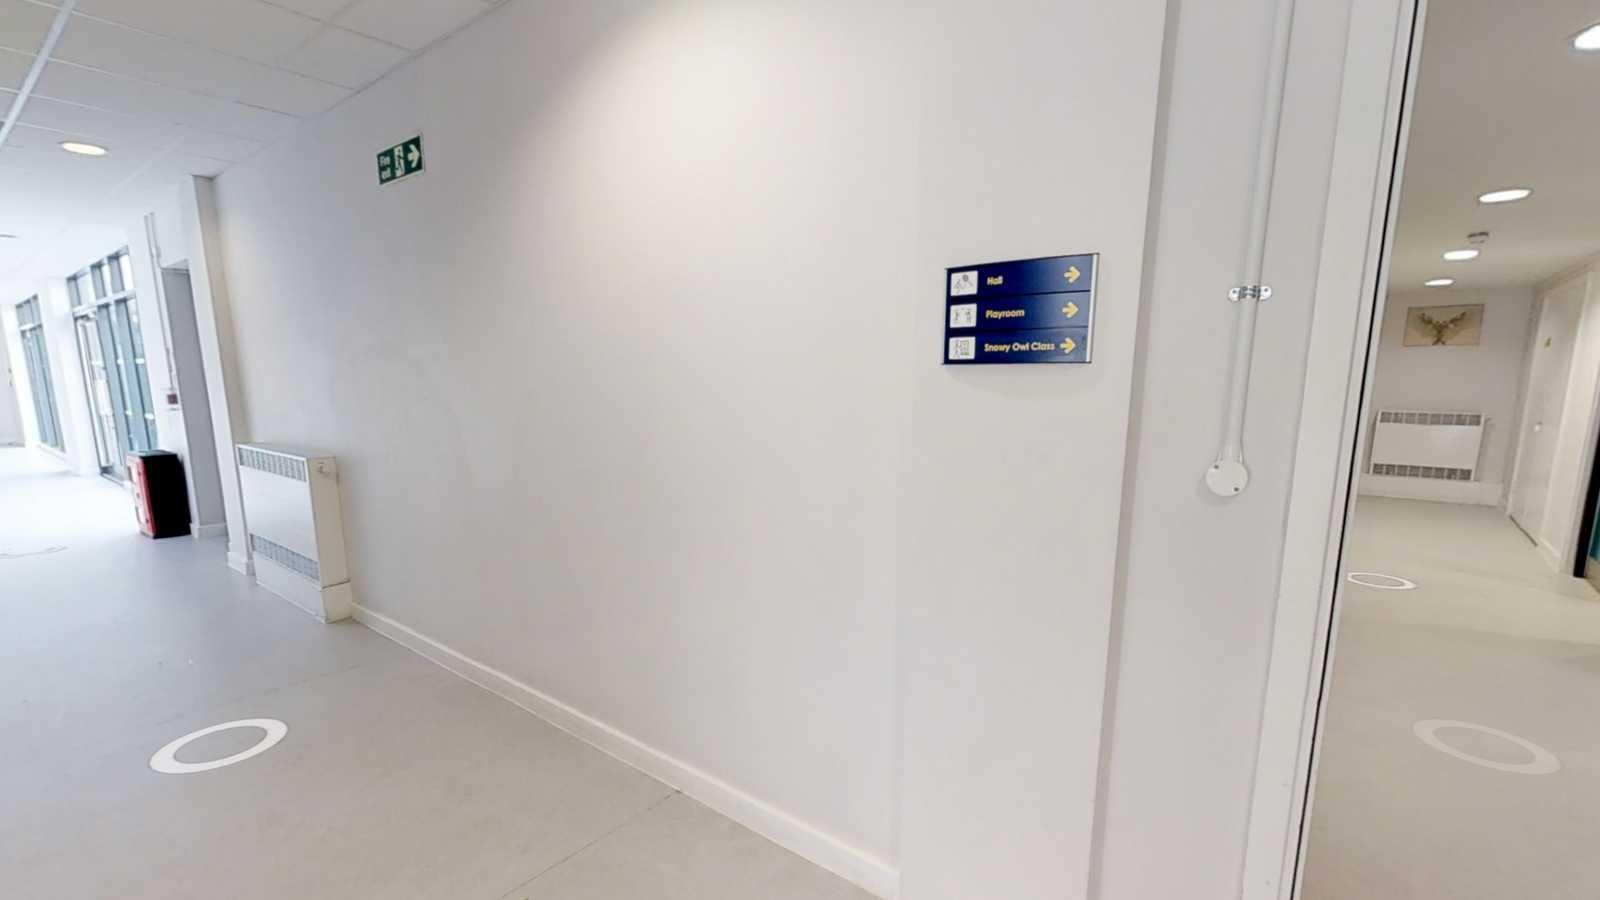 Light filled white corridor